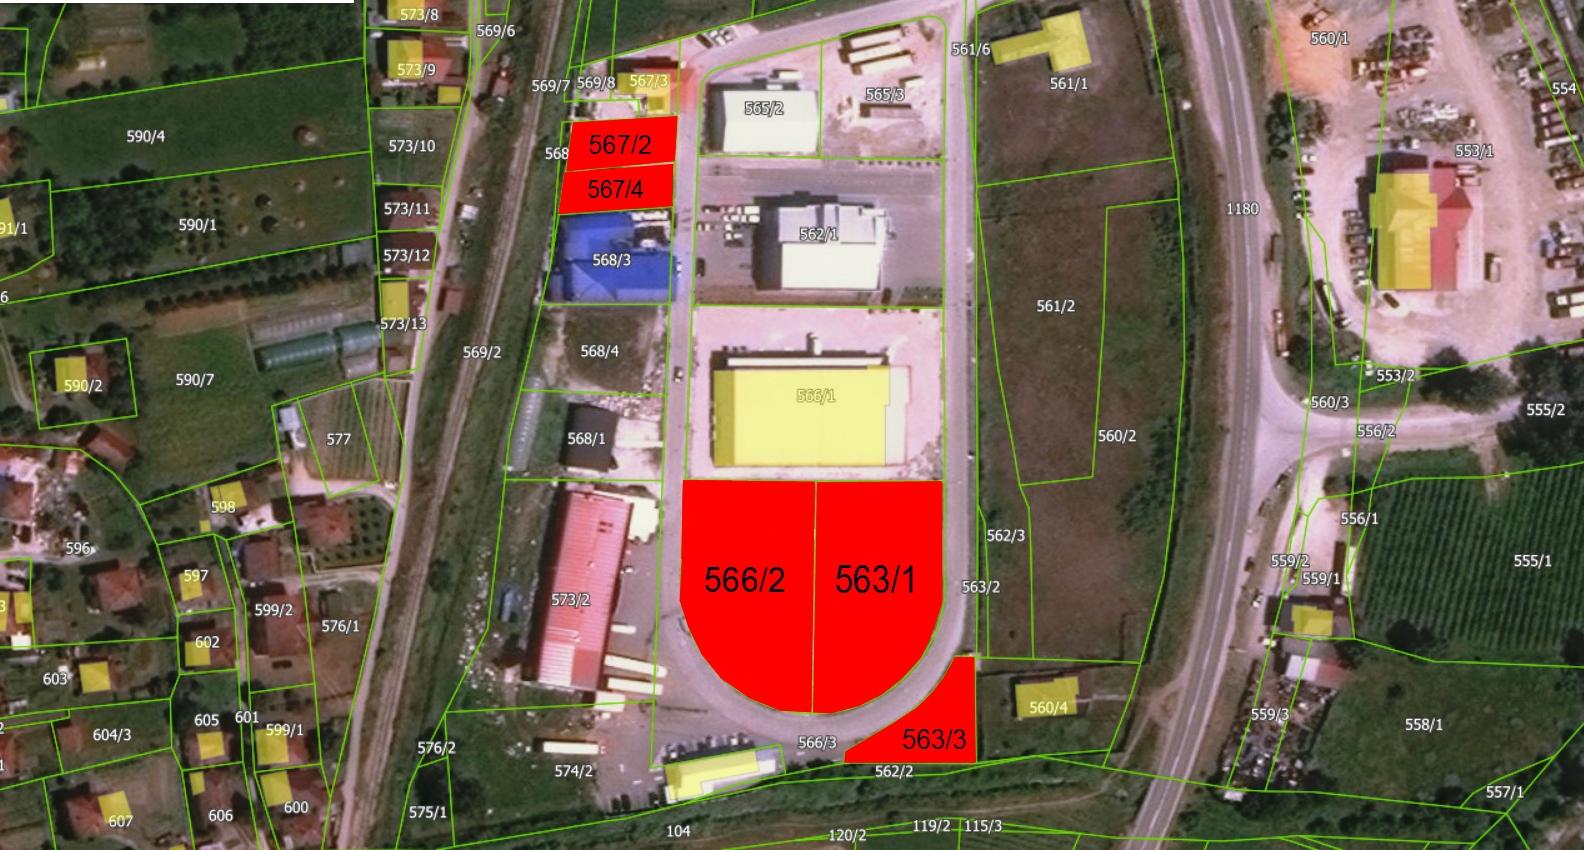 Општина Пријепоље планира продају парцела у Пословној зони Коловрат